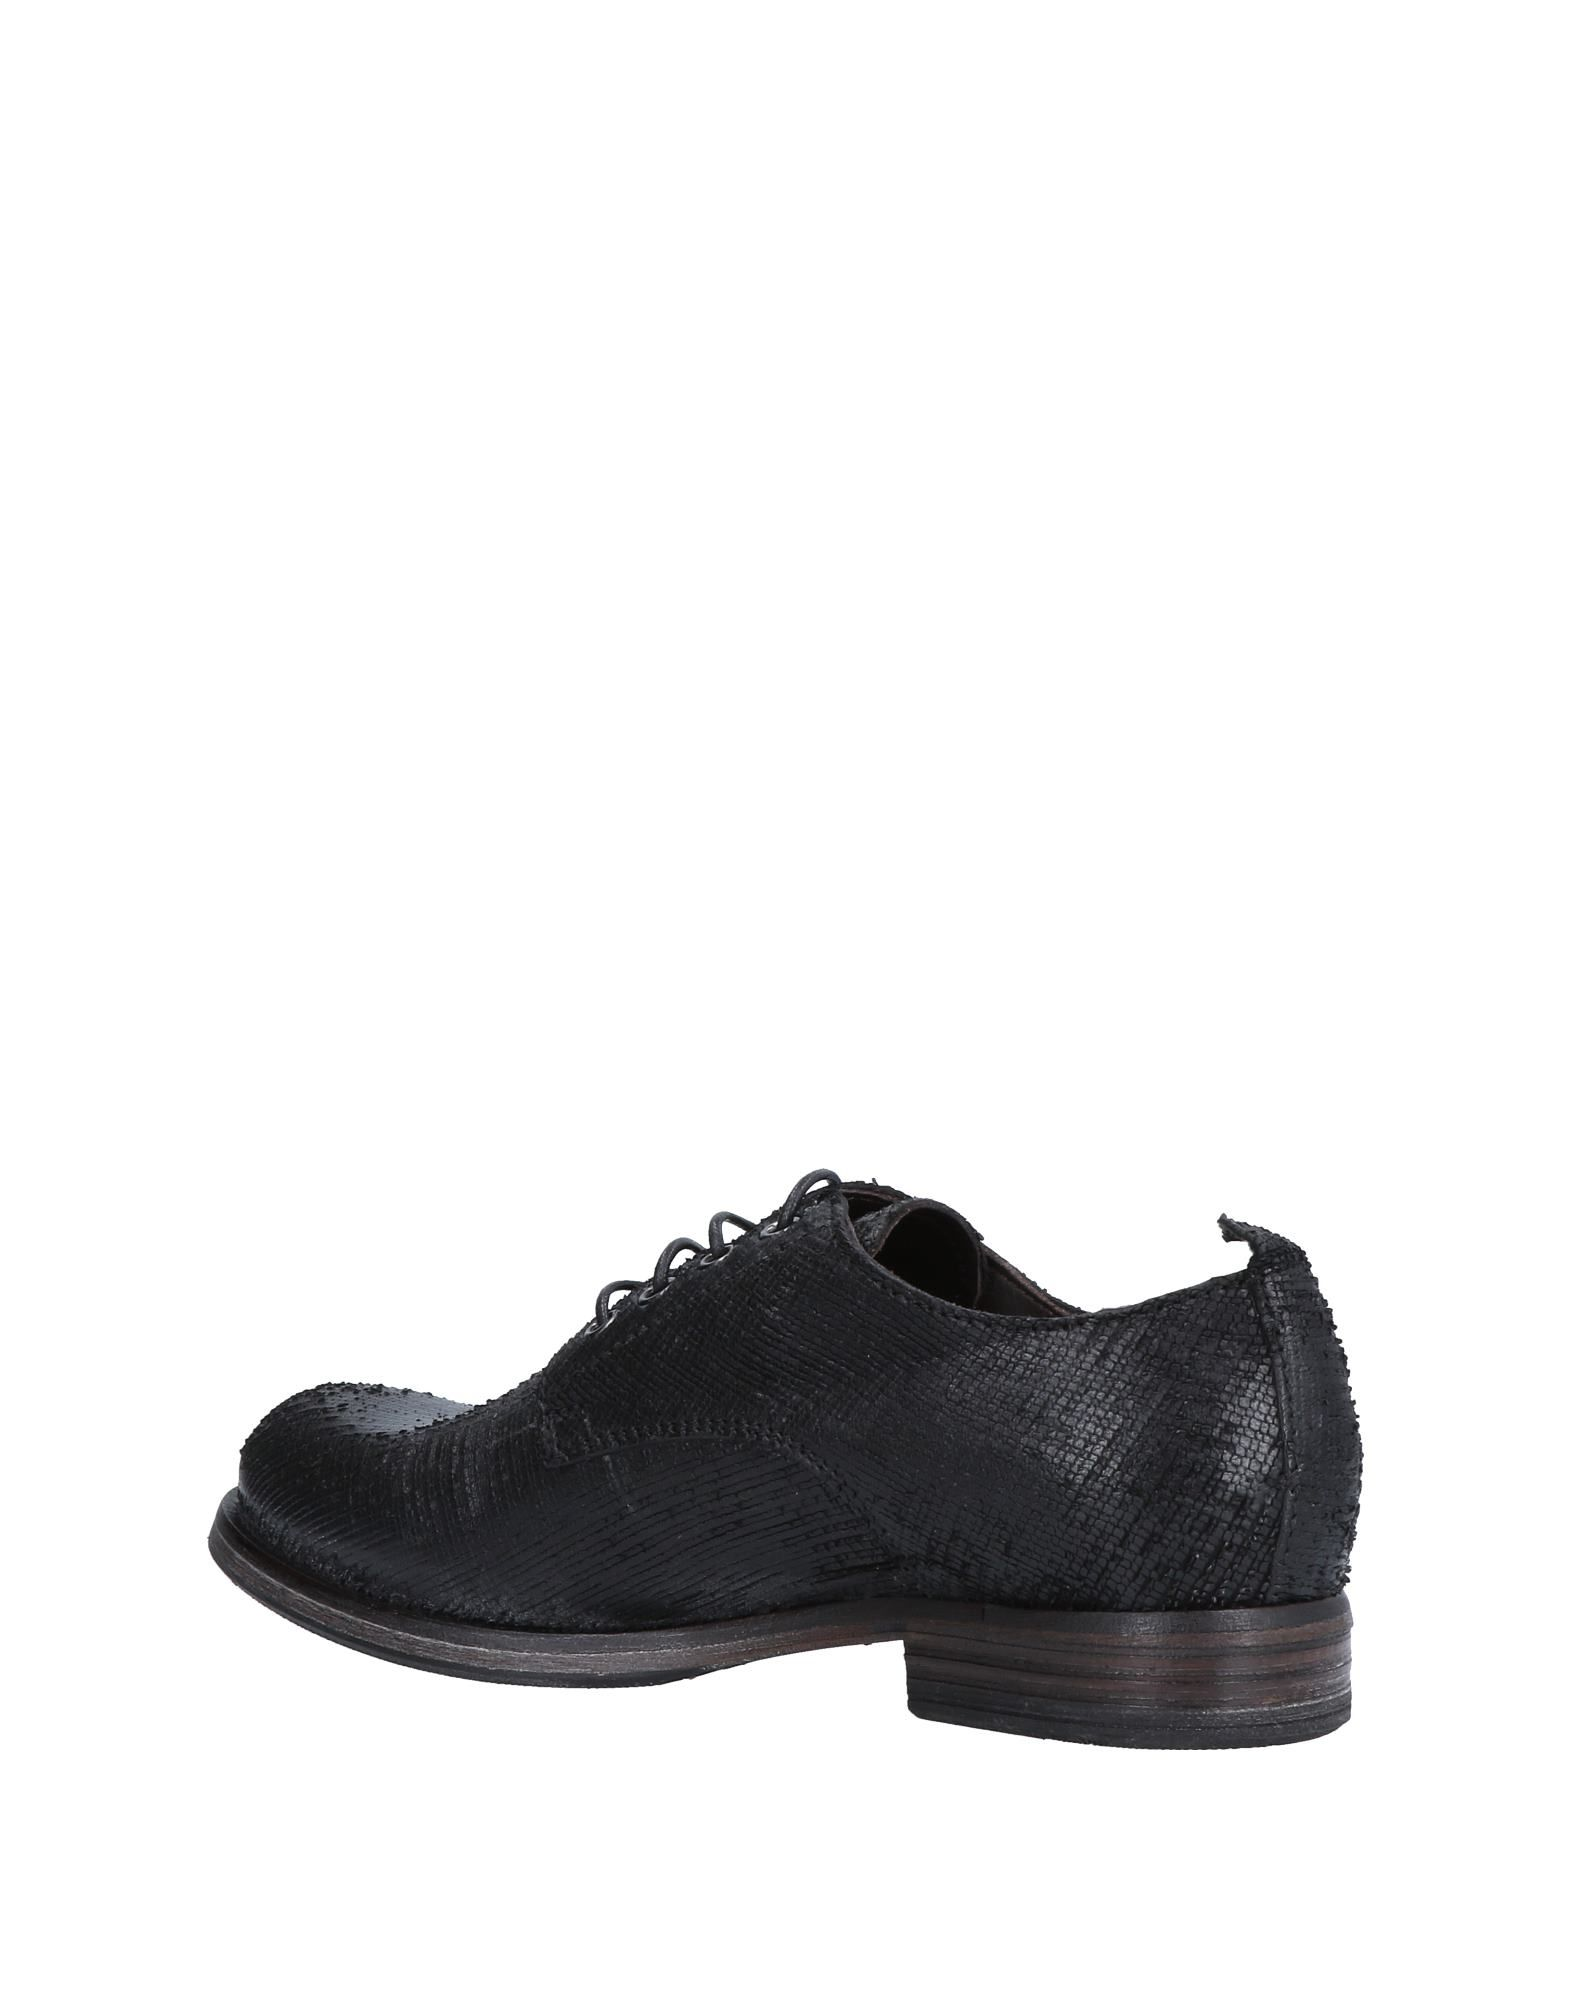 Stilvolle Damen billige Schuhe Moma Schnürschuhe Damen Stilvolle  11512701FX 86d6a6